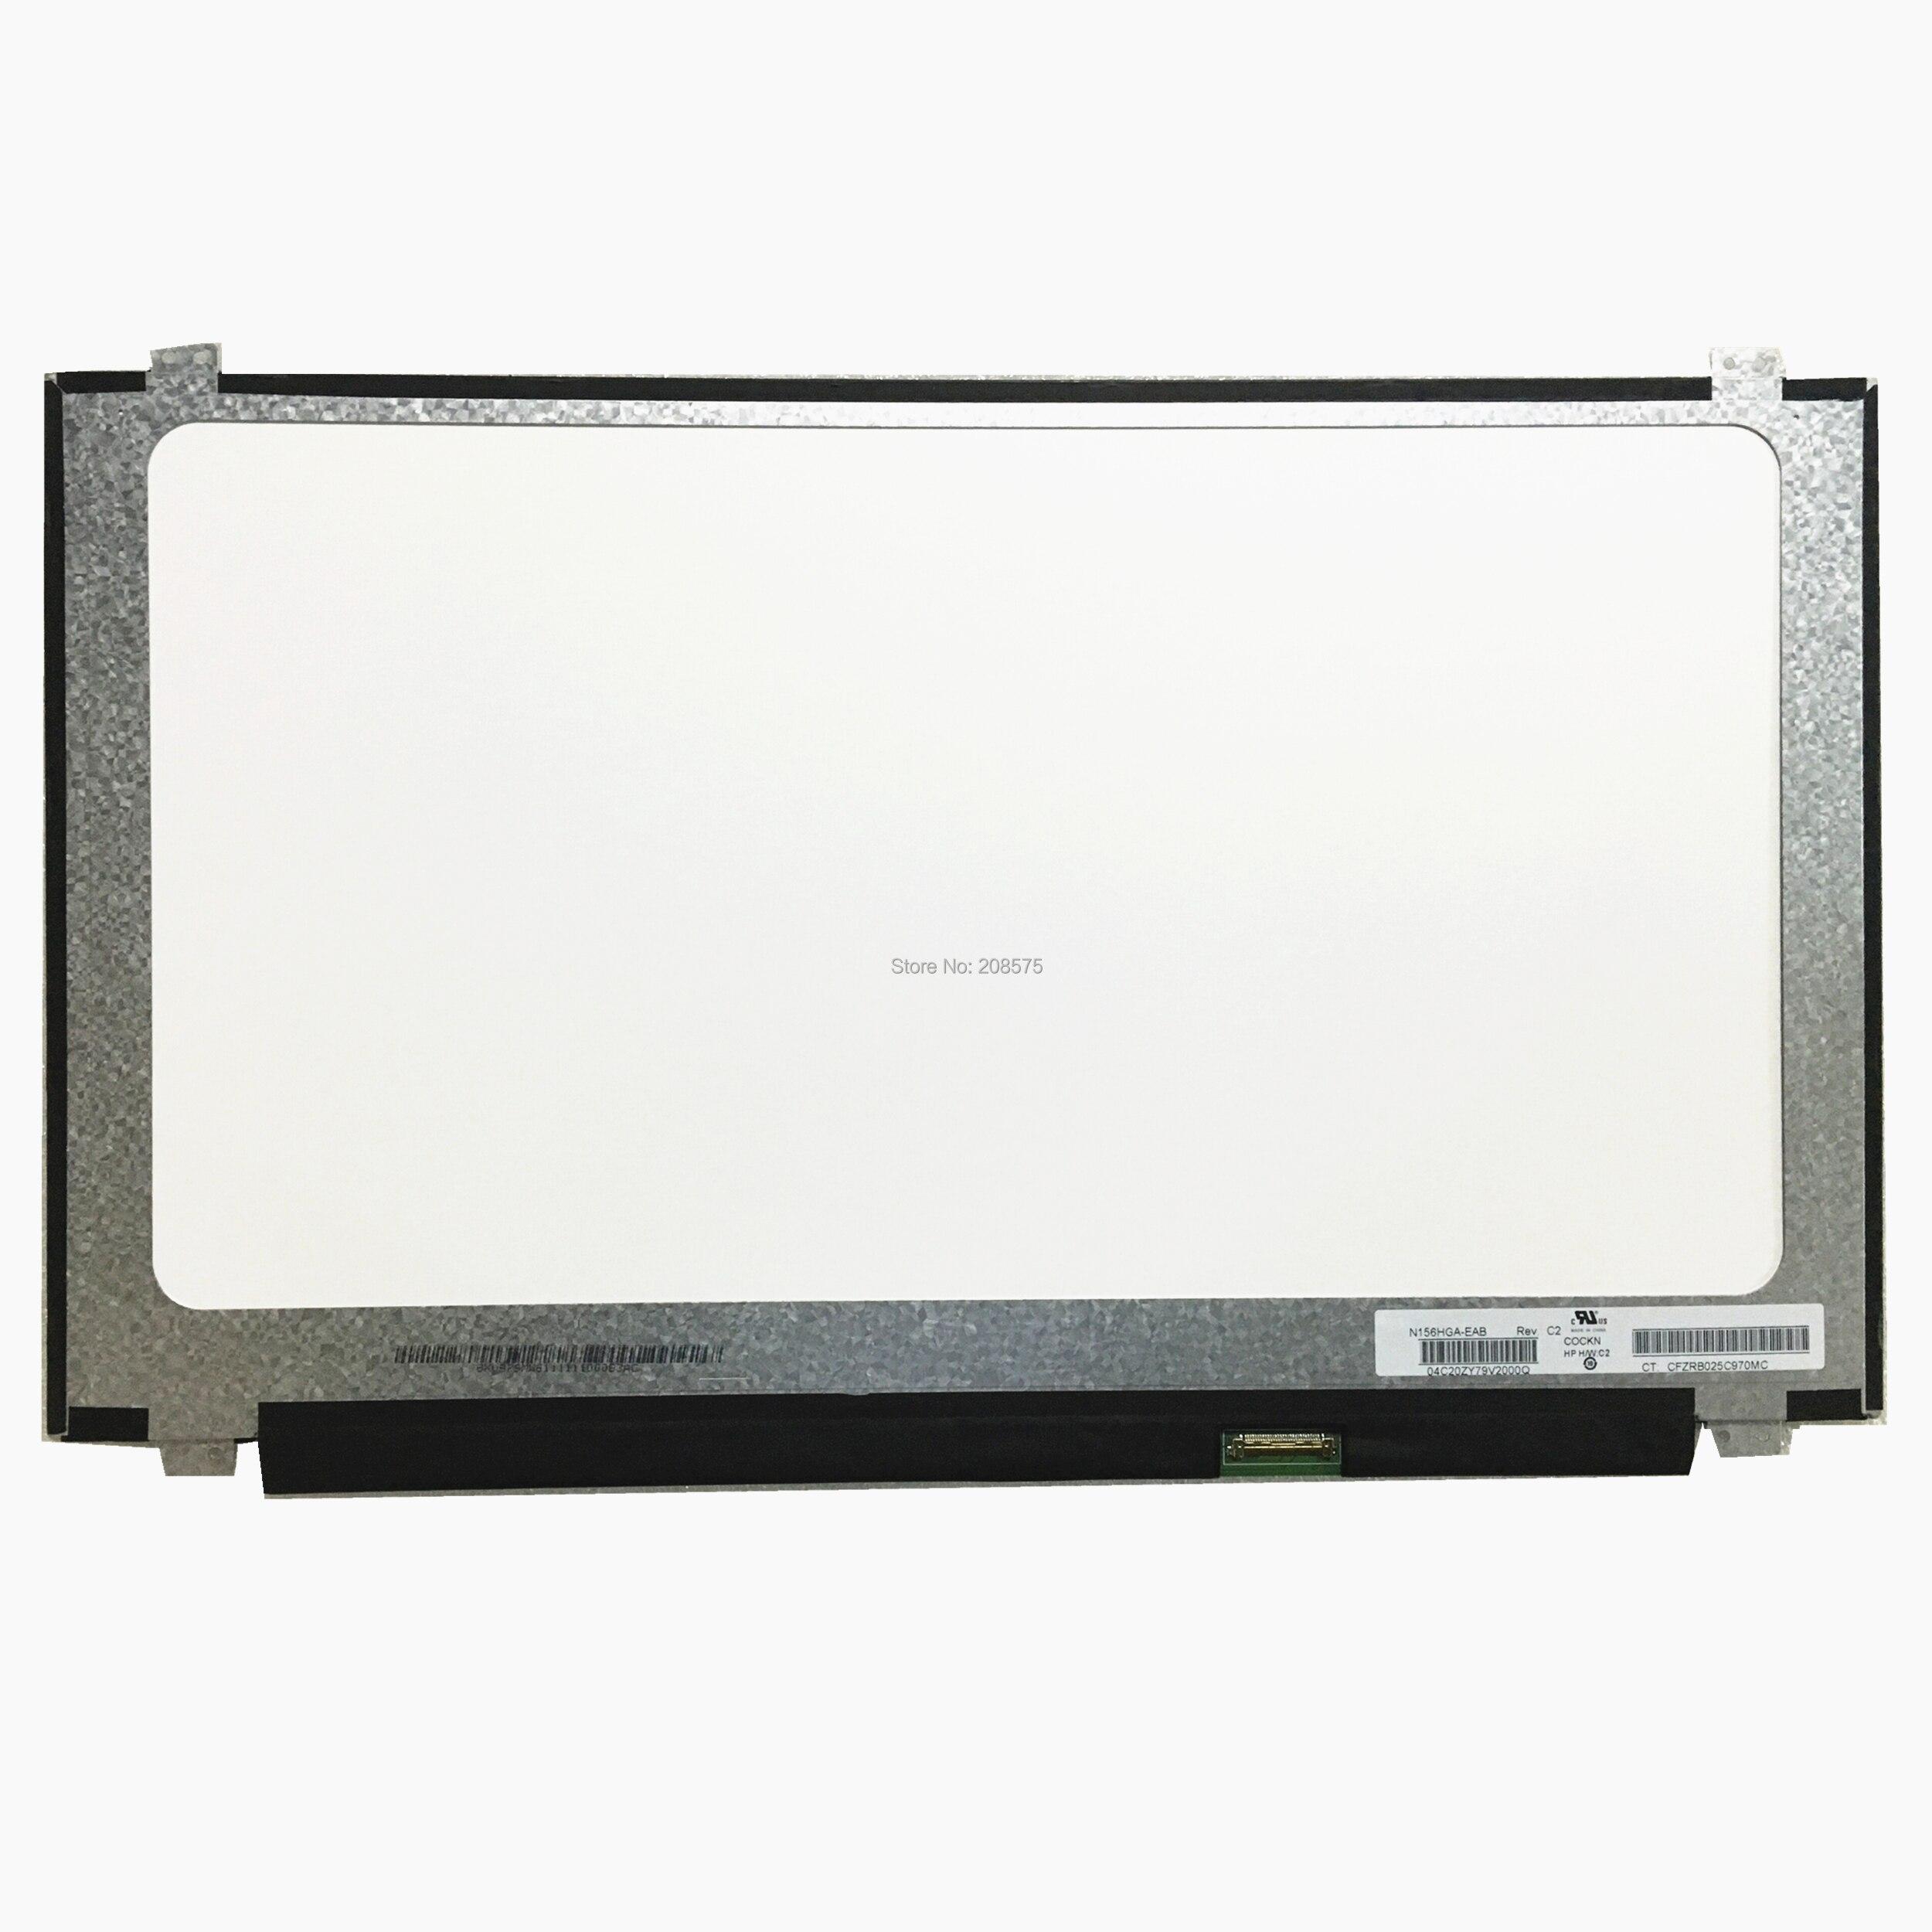 Free shipping N156HGA-EAB N156HGE EAB N156HGE EBB N156HGE EAL N156HGE-EA1 EA2 EB1 Laptop lcd screen 1920*1080 EDP 30pin